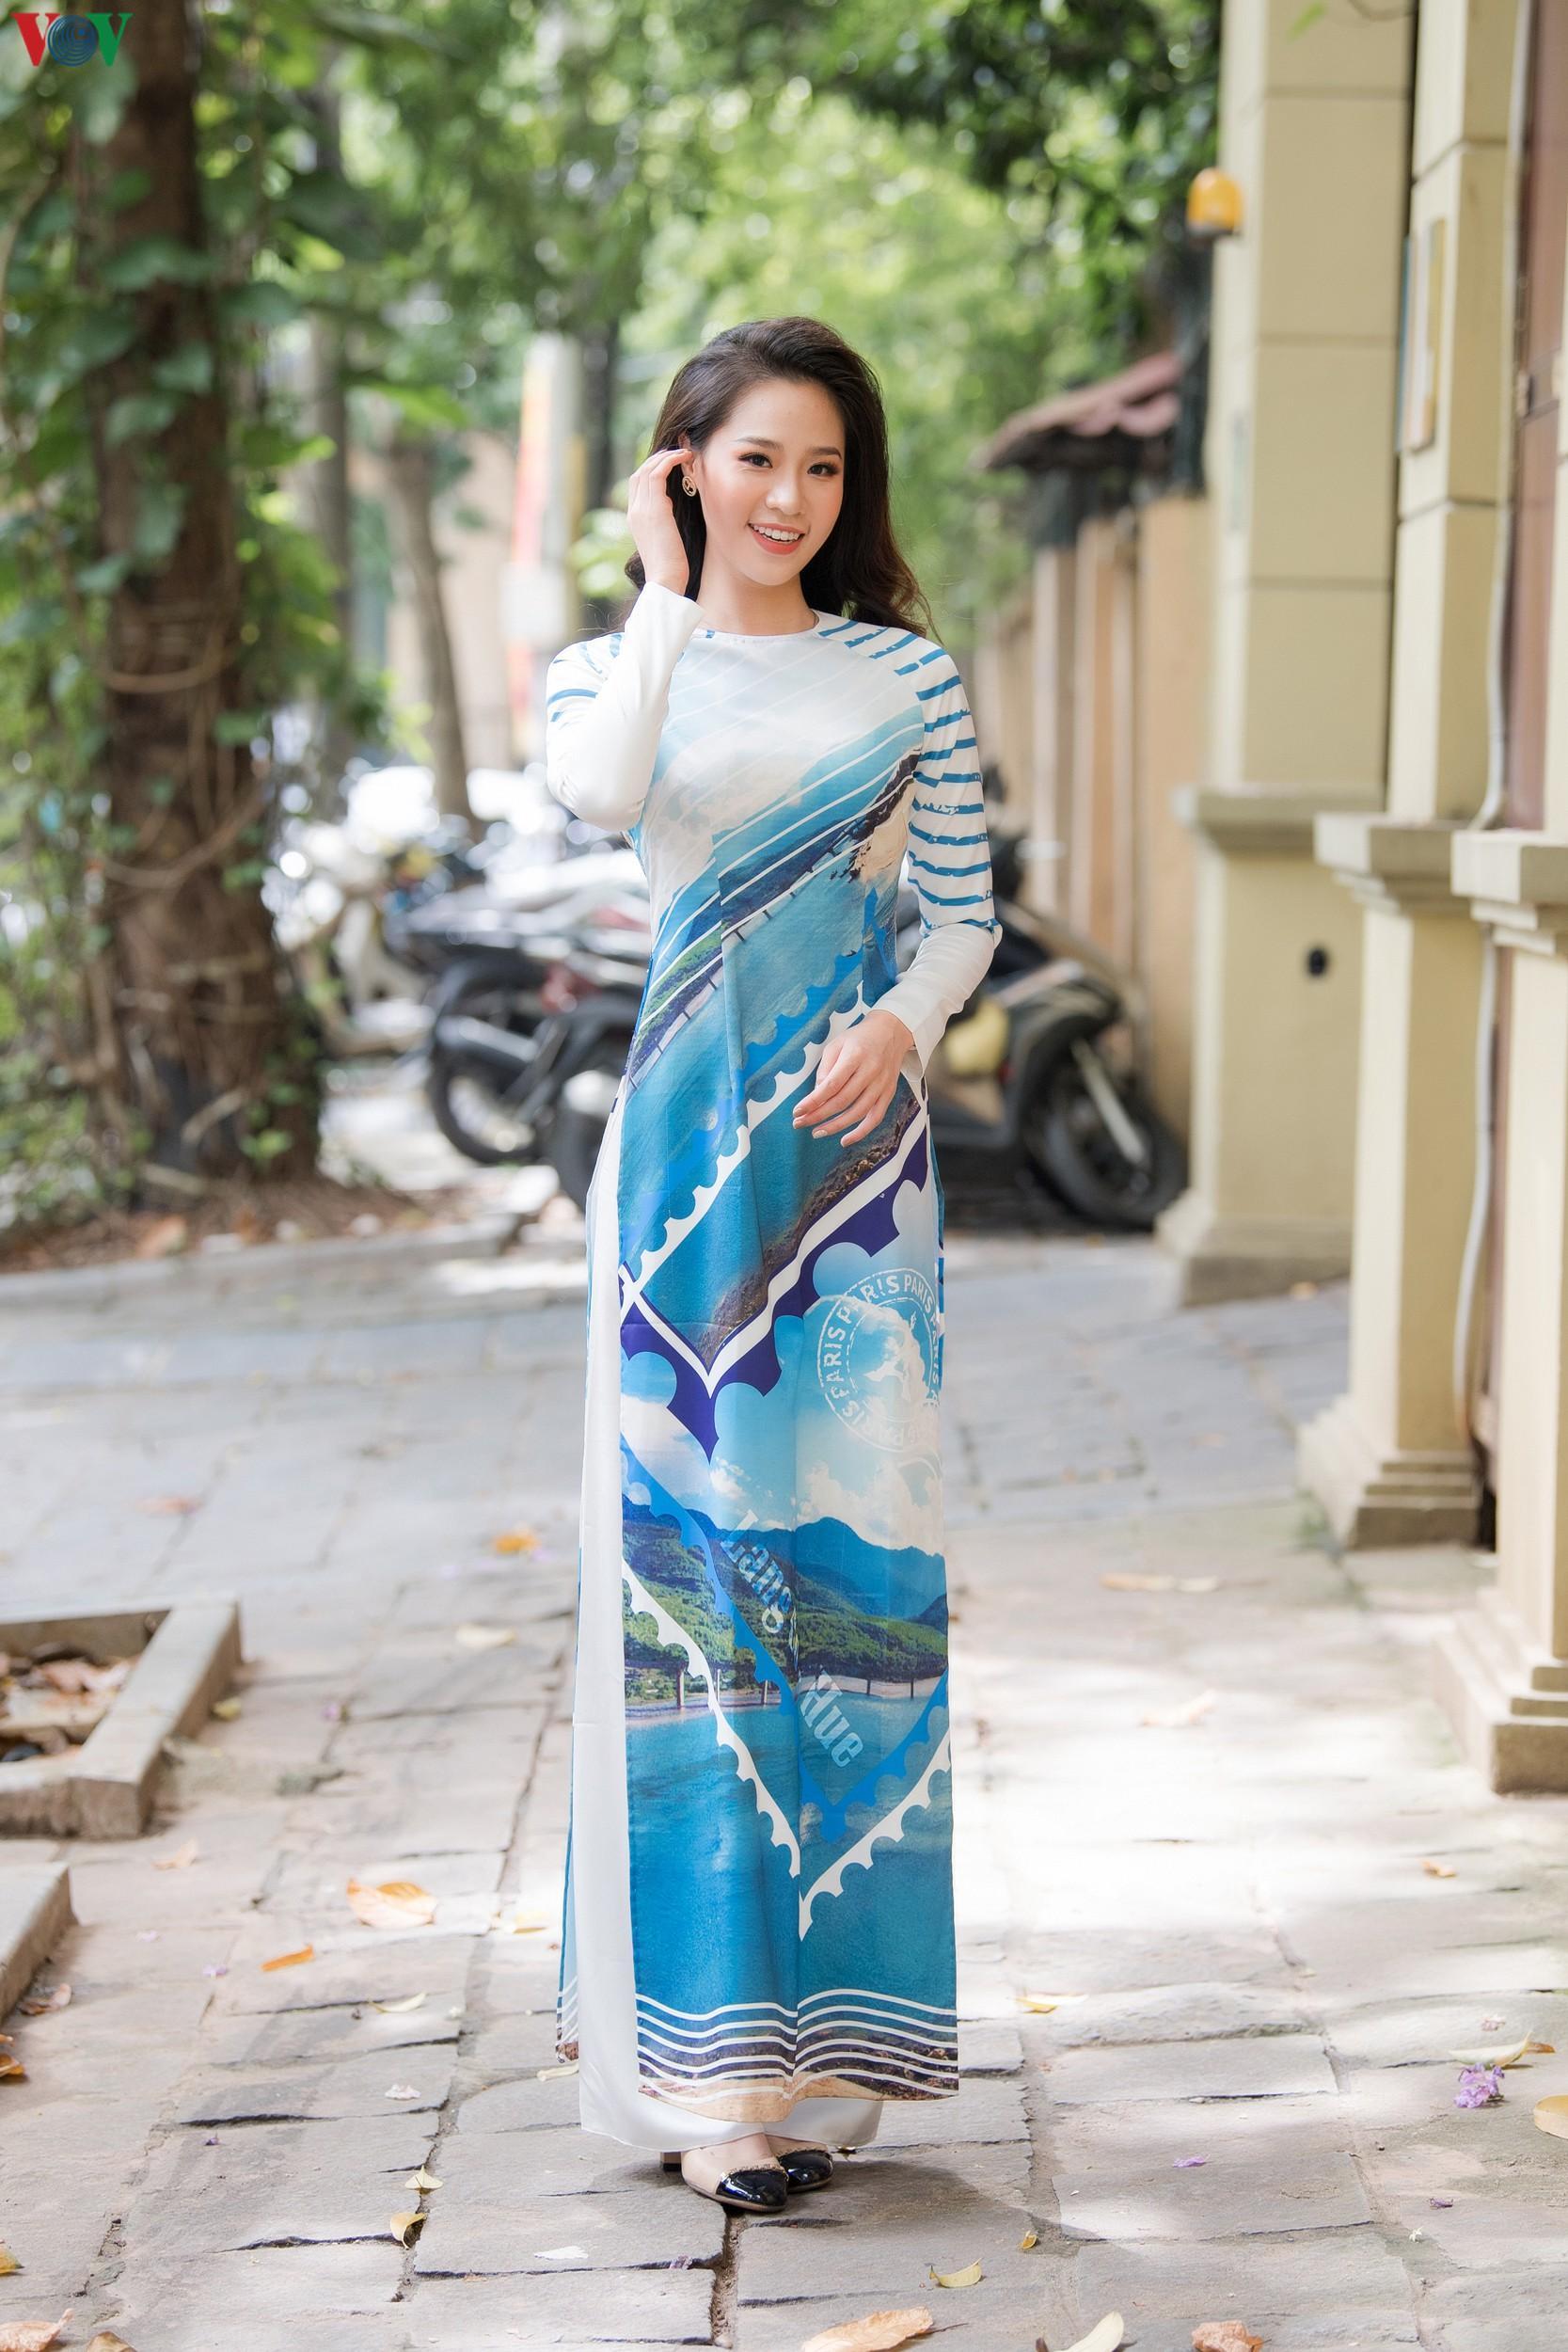 Hoa hậu Ngọc Hân, Đỗ Mỹ Linh đọ dáng với áo dài in hình biển đảo Ảnh 10